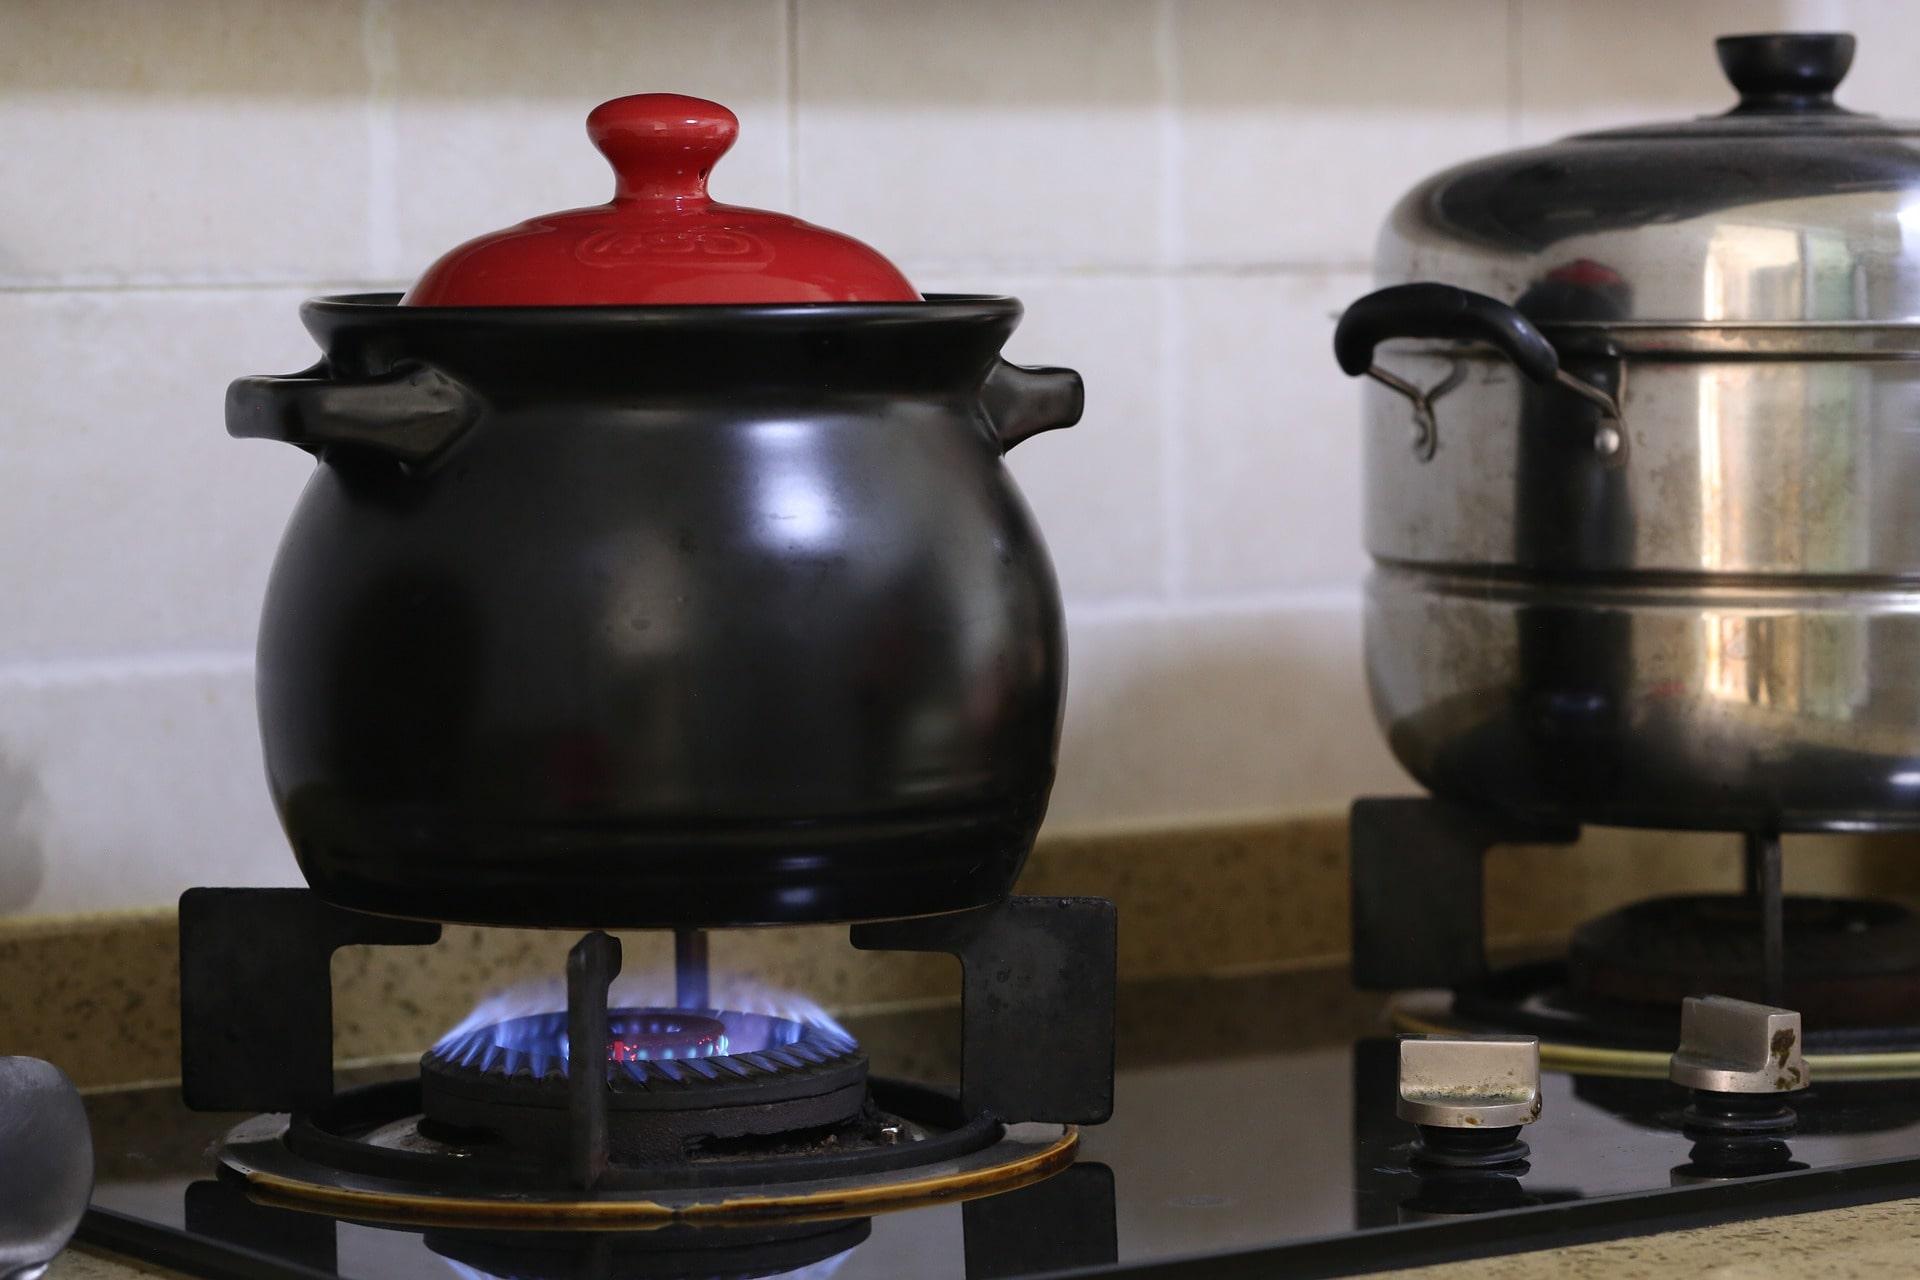 廚房等容易發生危險的區域要多留心毛孩子進入